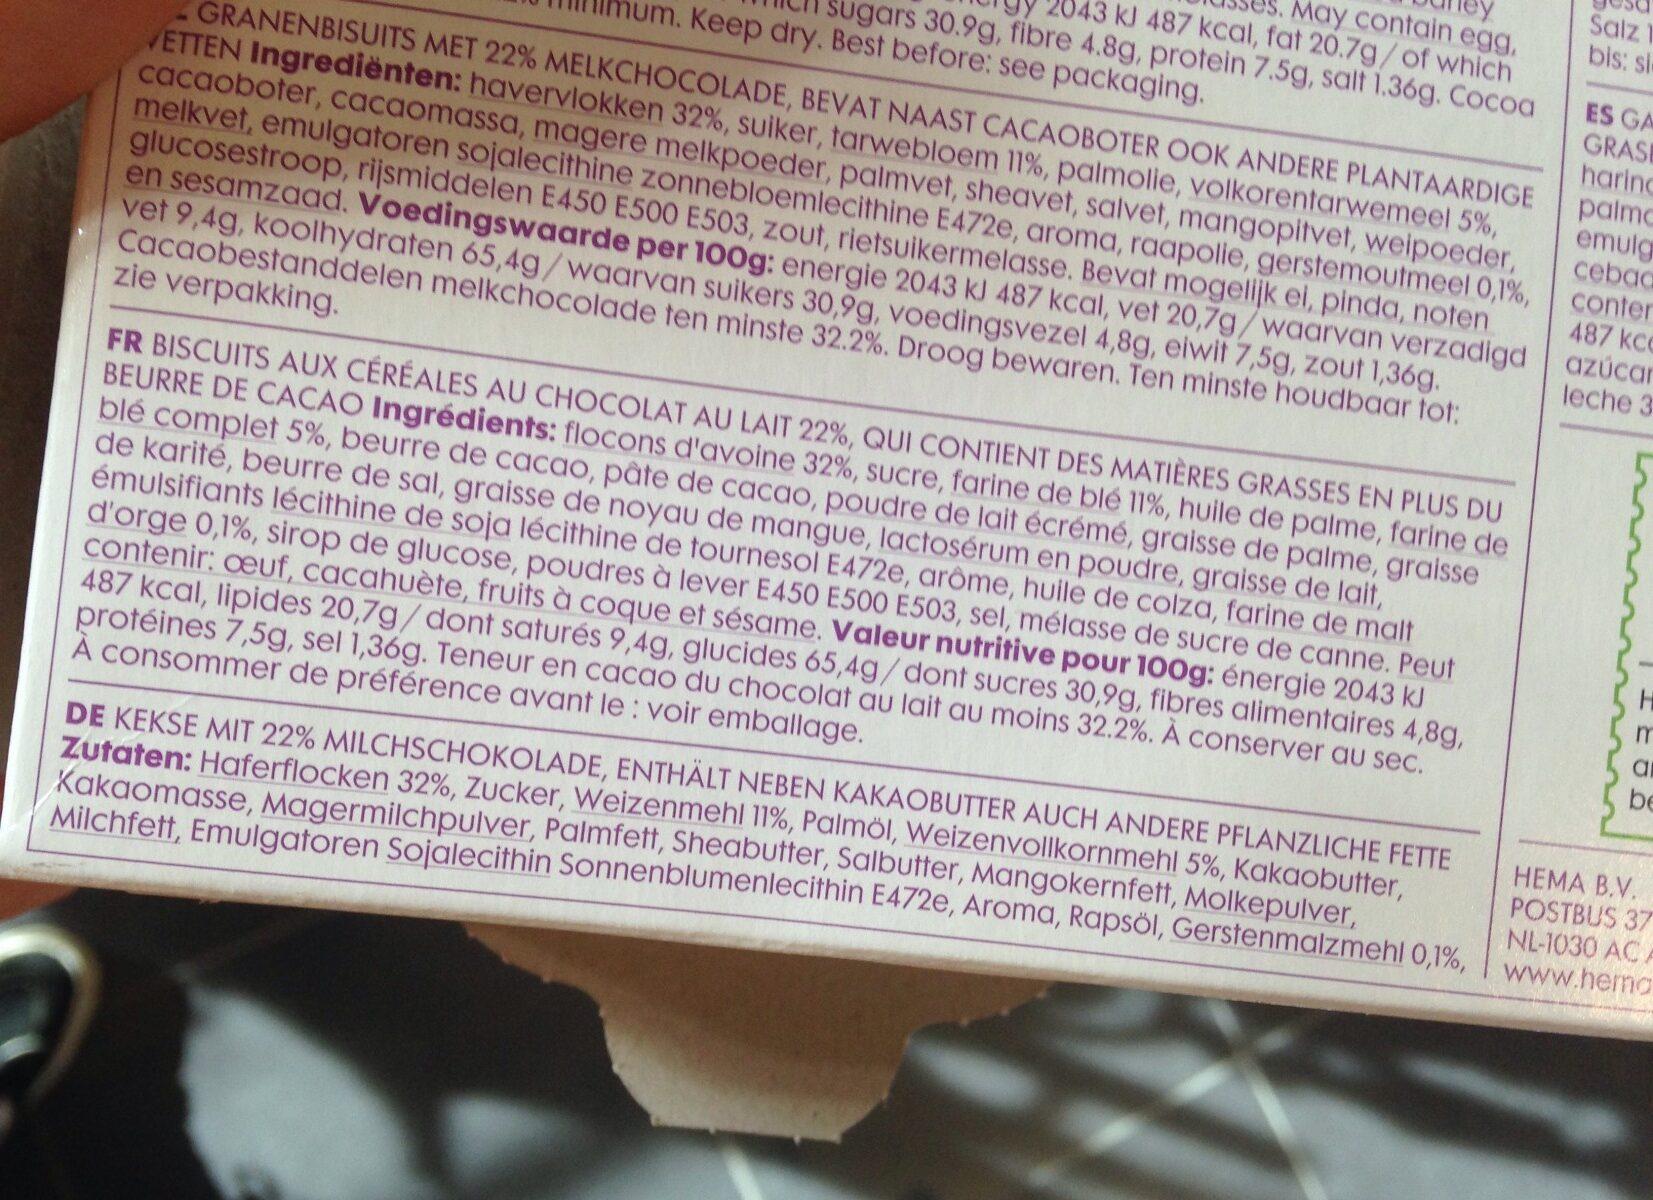 Biscuits aux céréales au chocolat au lait - Ingredients - nl